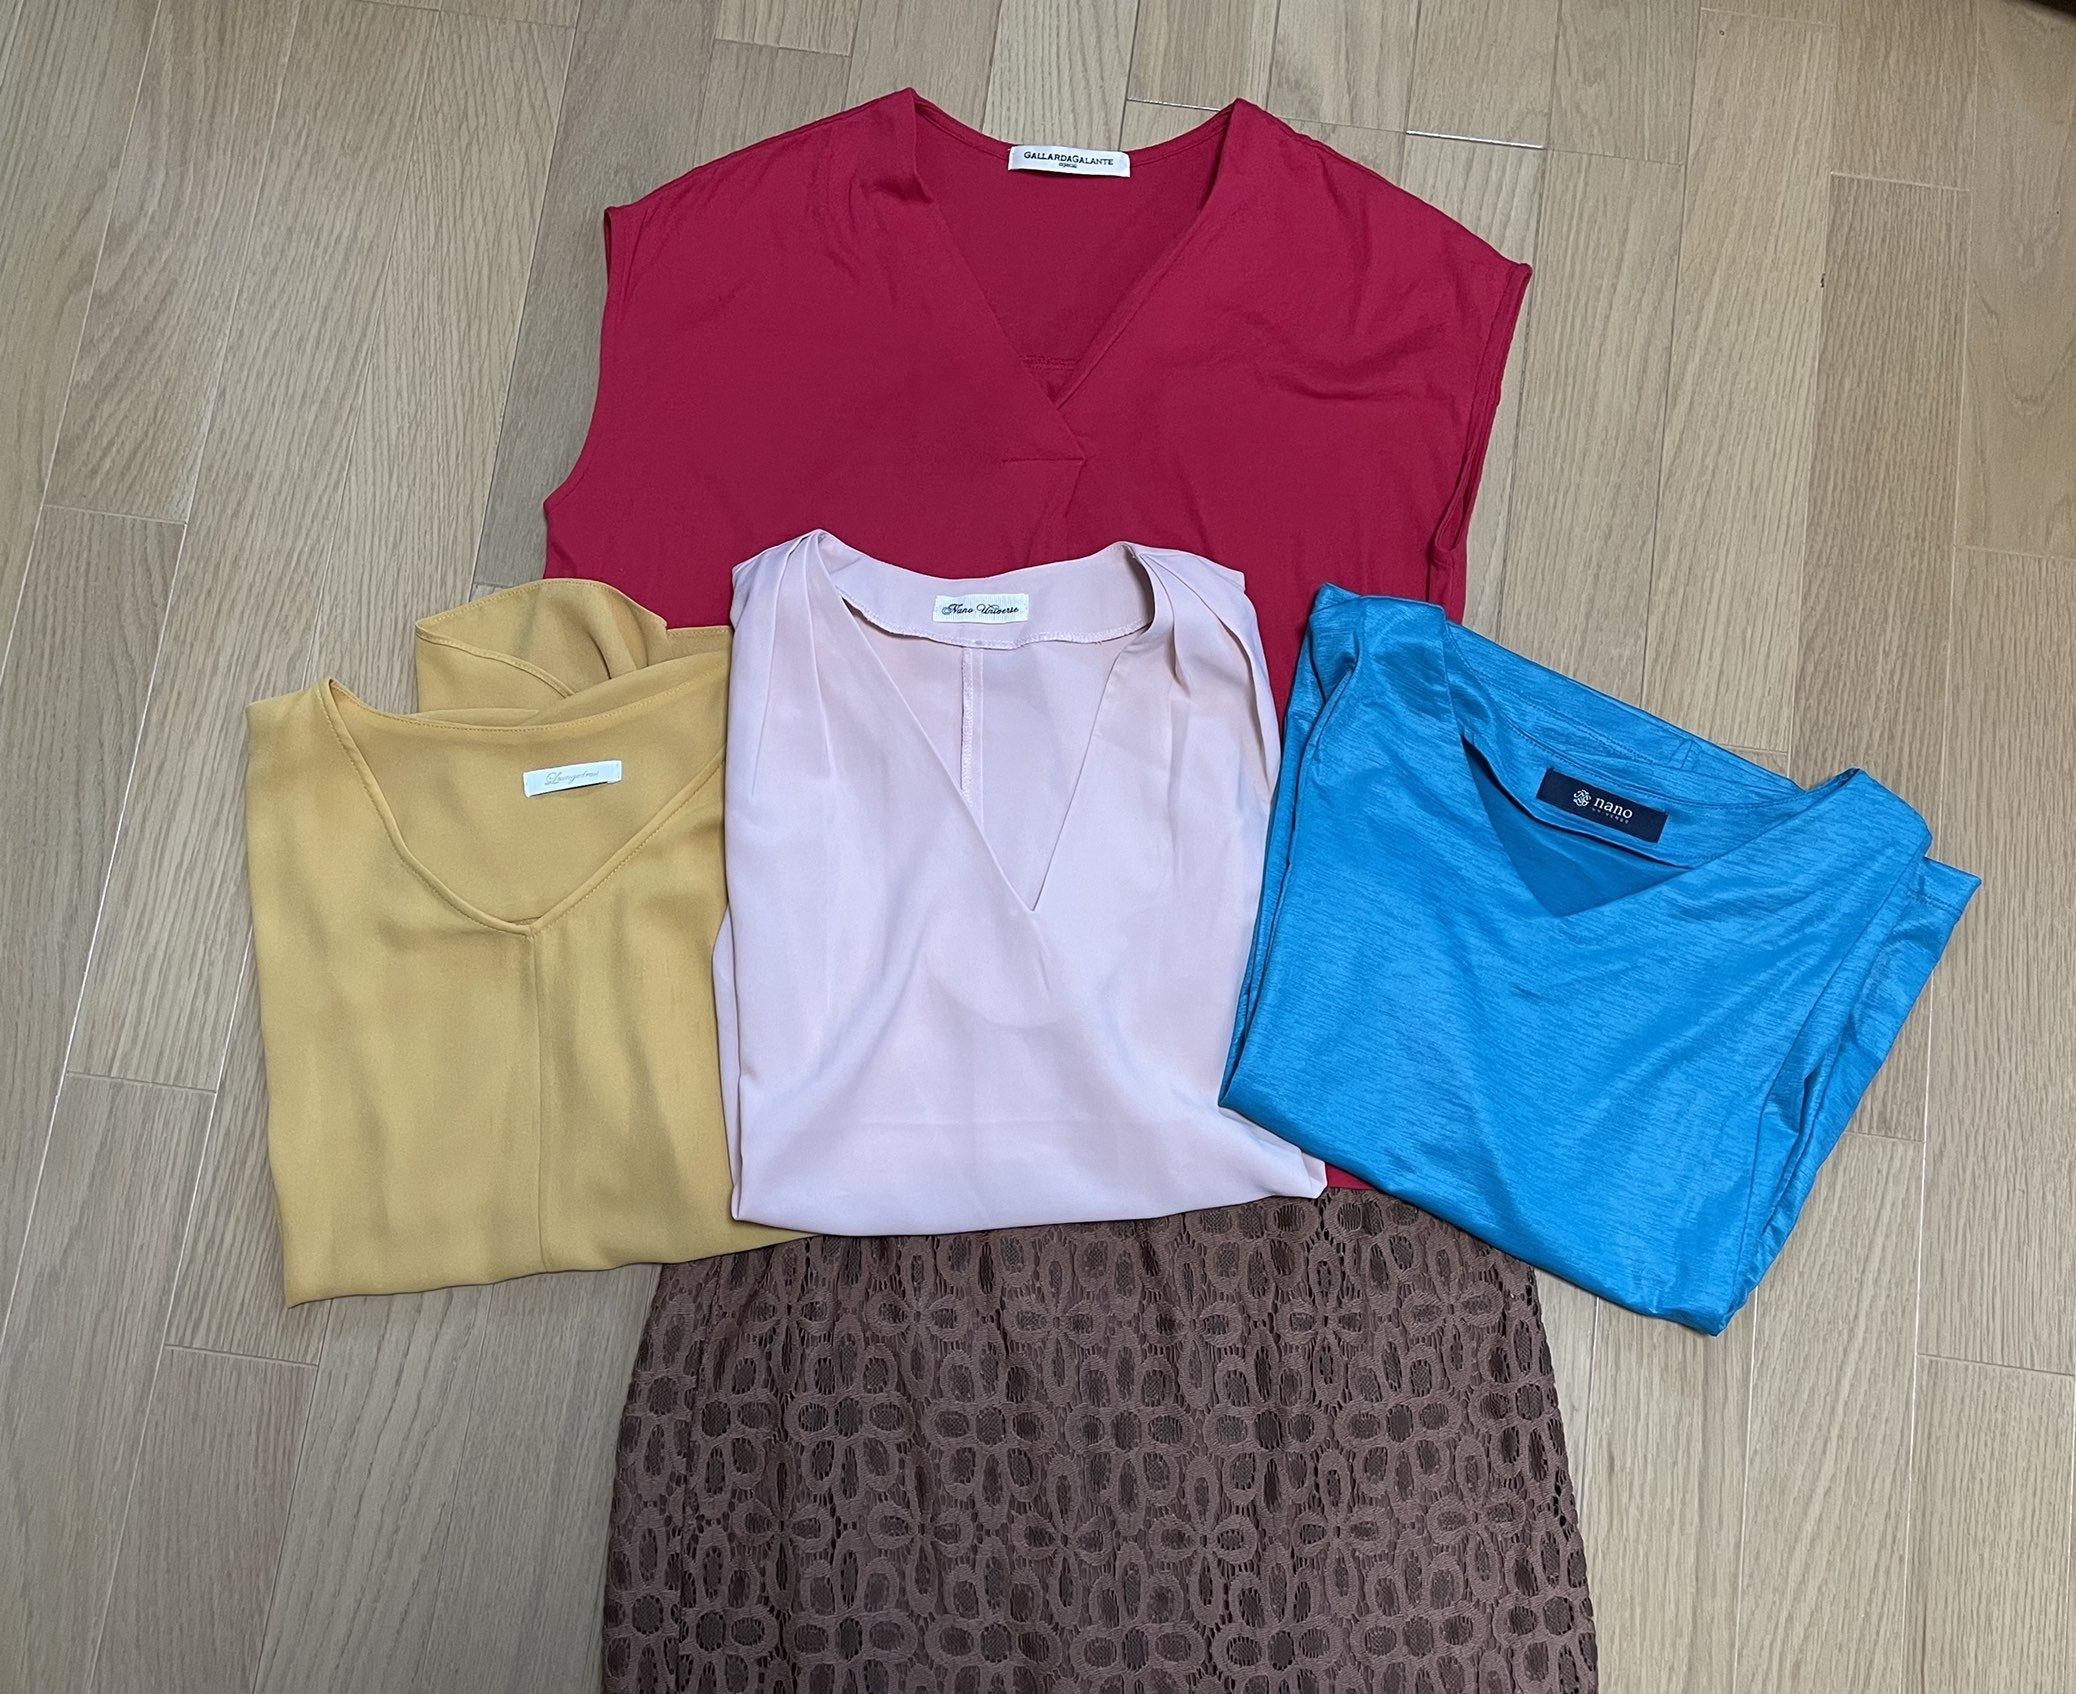 ブルー、ピンク、マスタード、」赤色トップス、ブラウンレーススカート